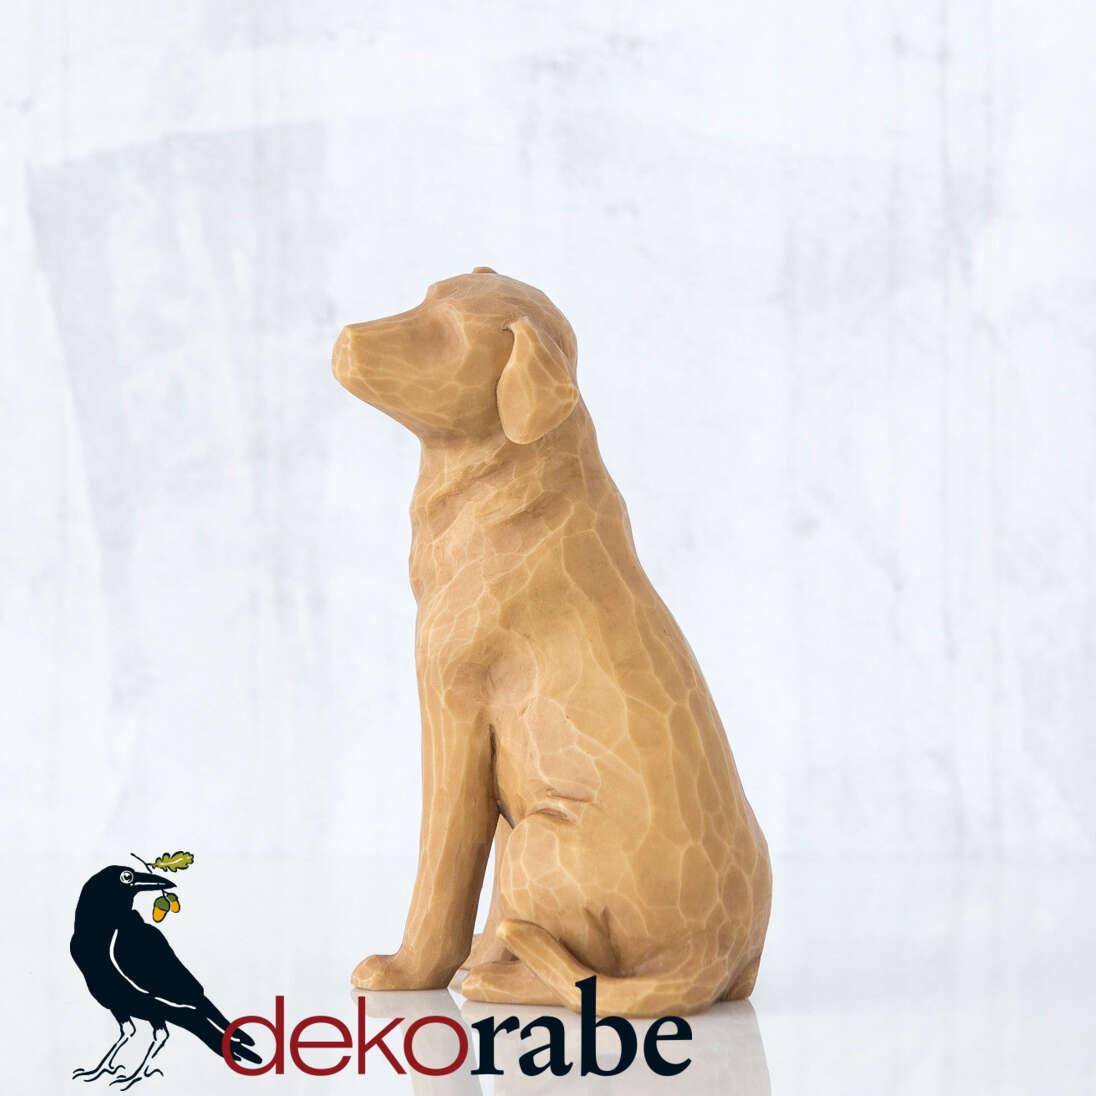 Mein lieber Hund Sitzender Hund mit hellem Fell.